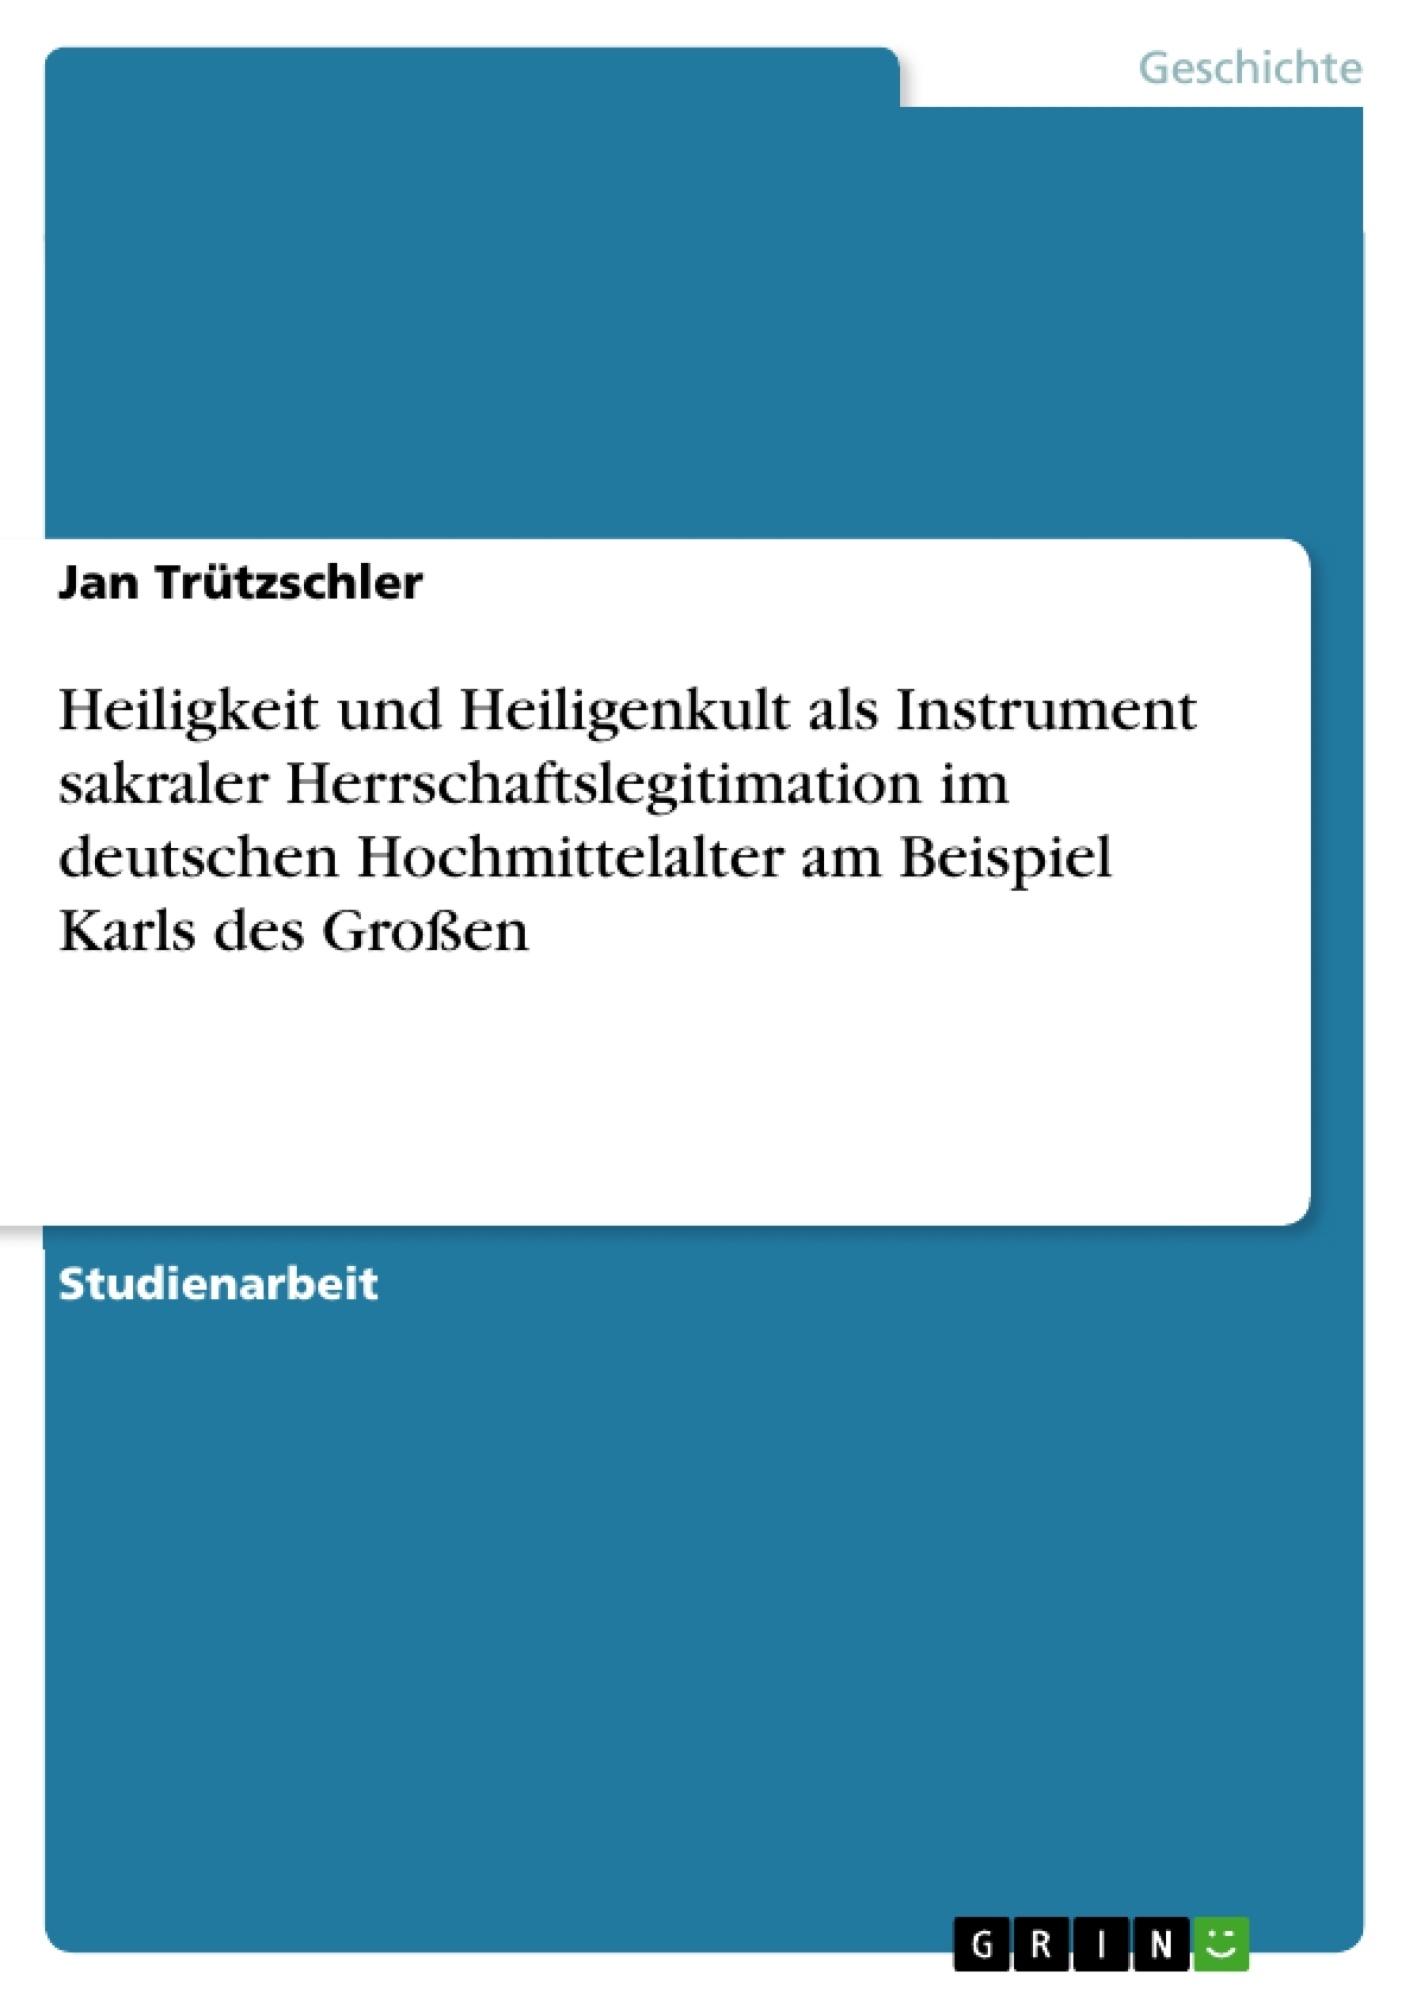 Titel: Heiligkeit und Heiligenkult als Instrument sakraler Herrschaftslegitimation im deutschen Hochmittelalter am Beispiel Karls des Großen